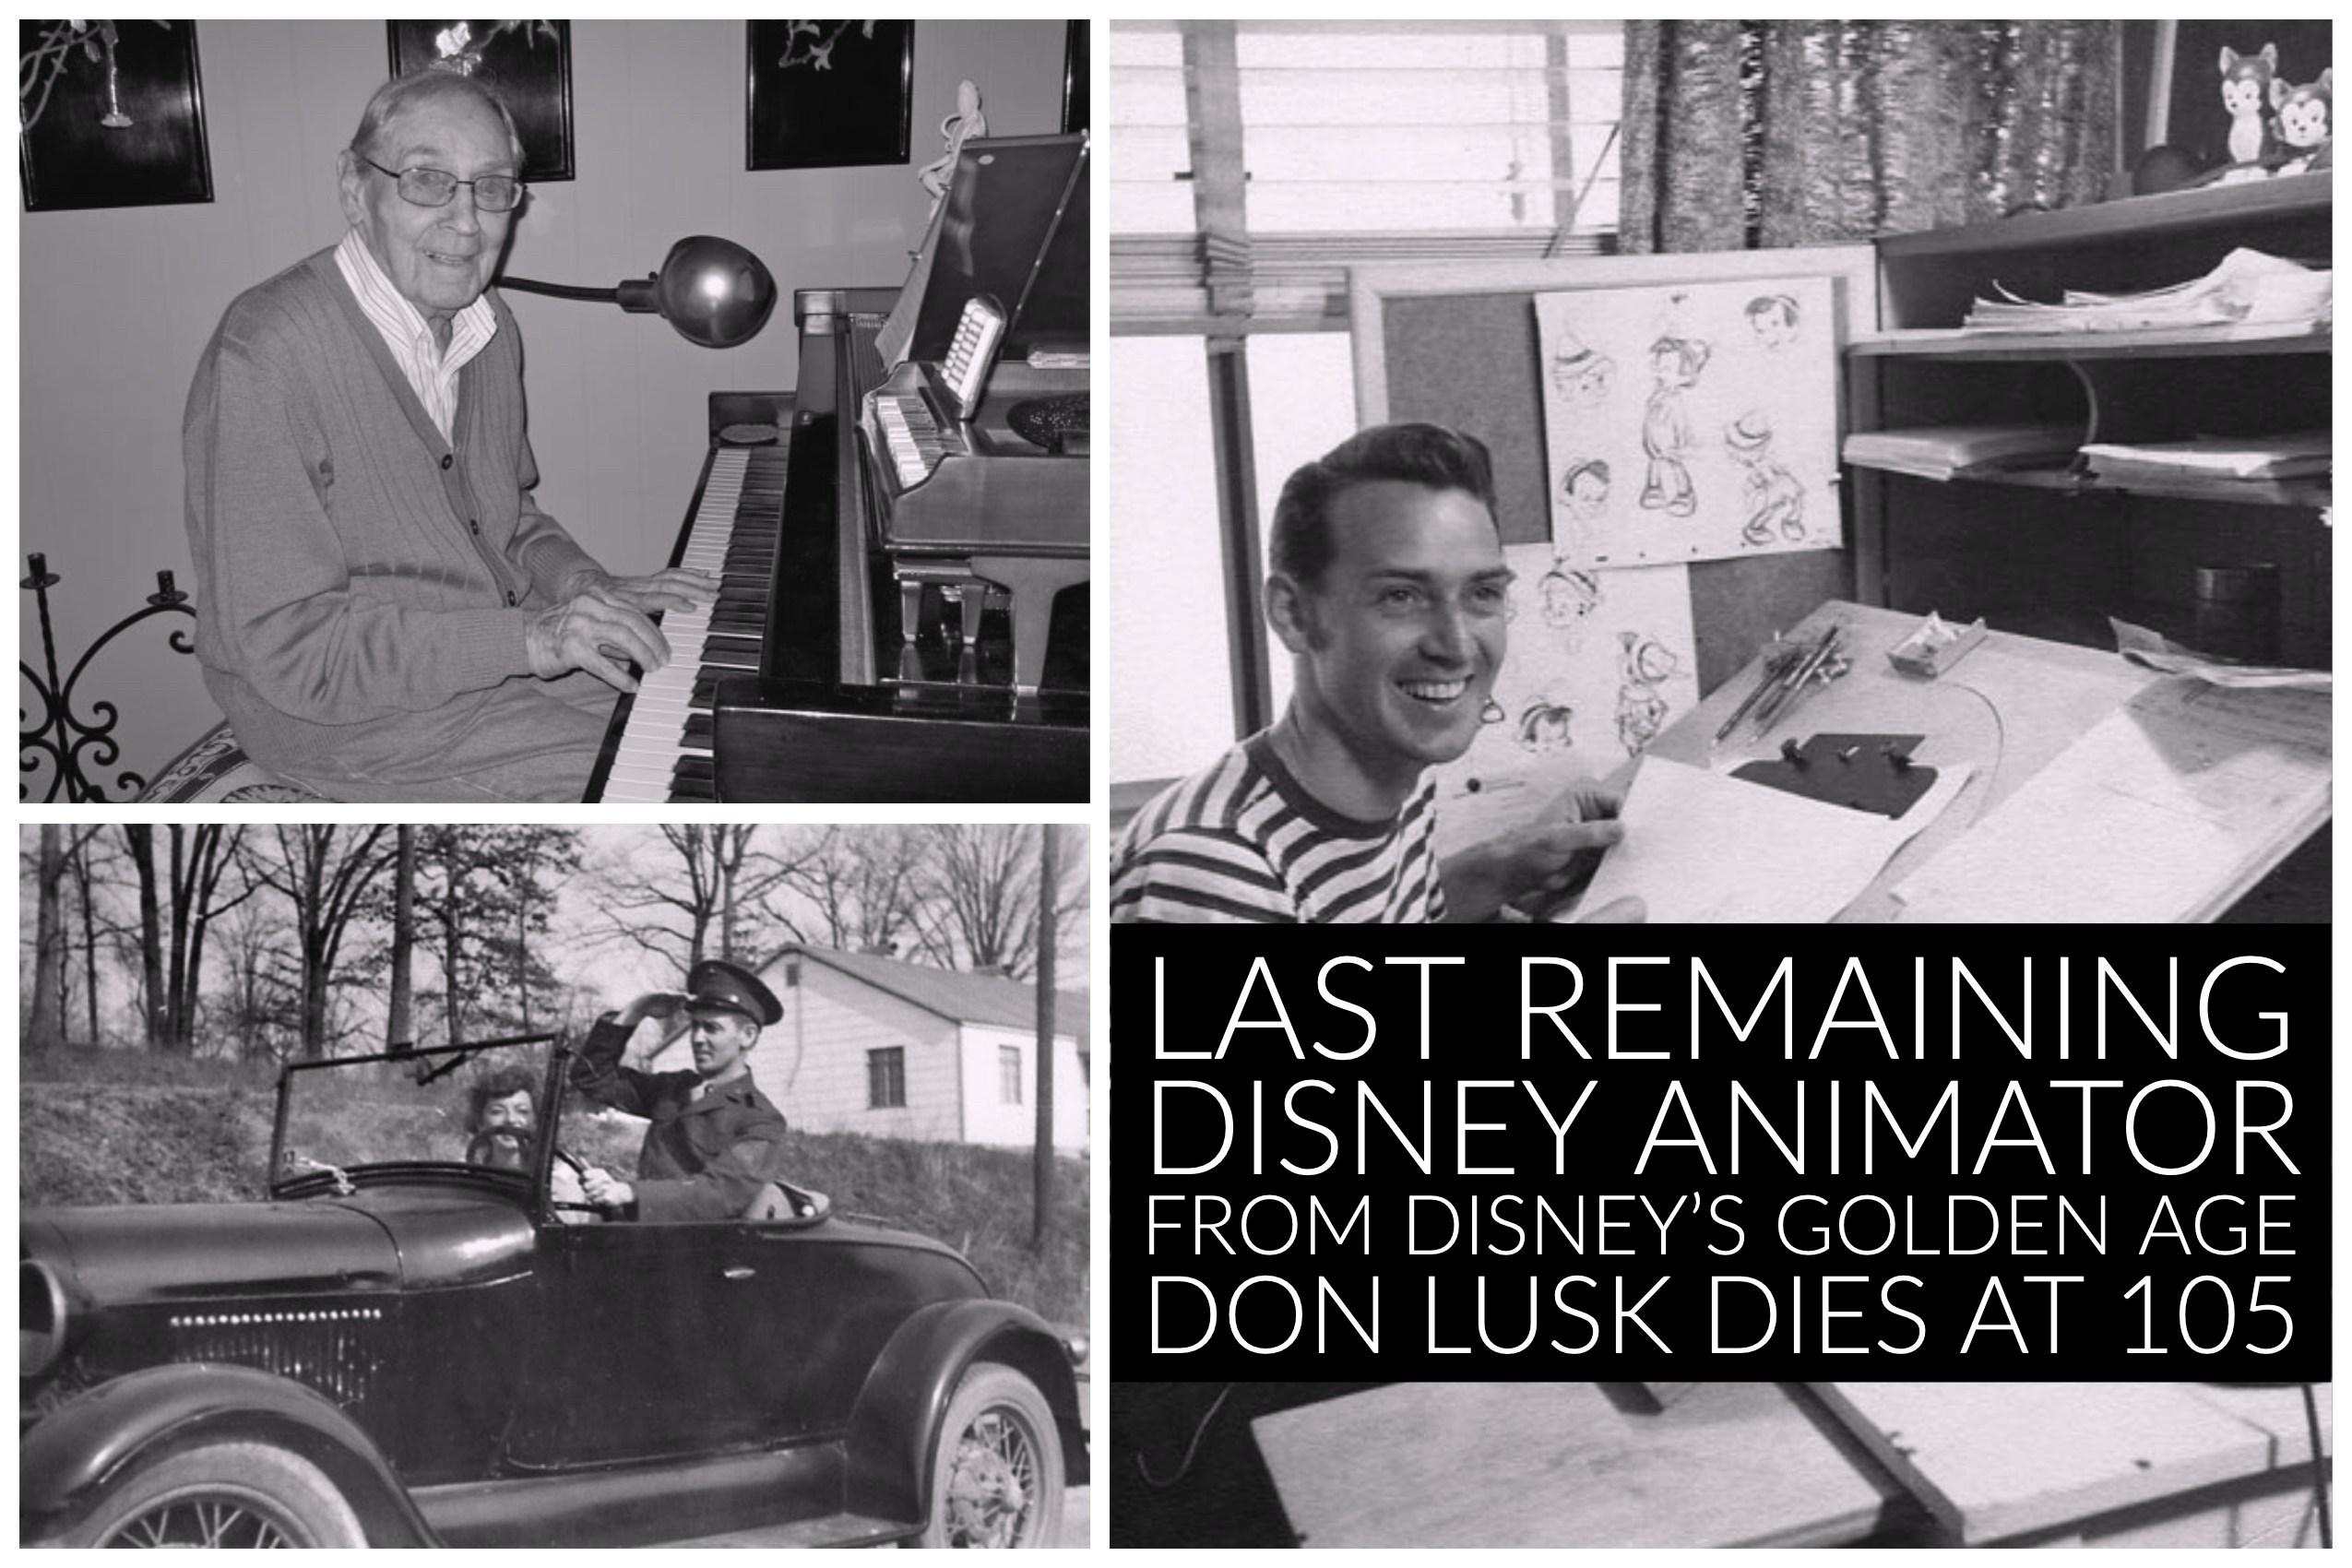 دان لاسک - انیماتور انیمیشن های کلاسیک دیزنی